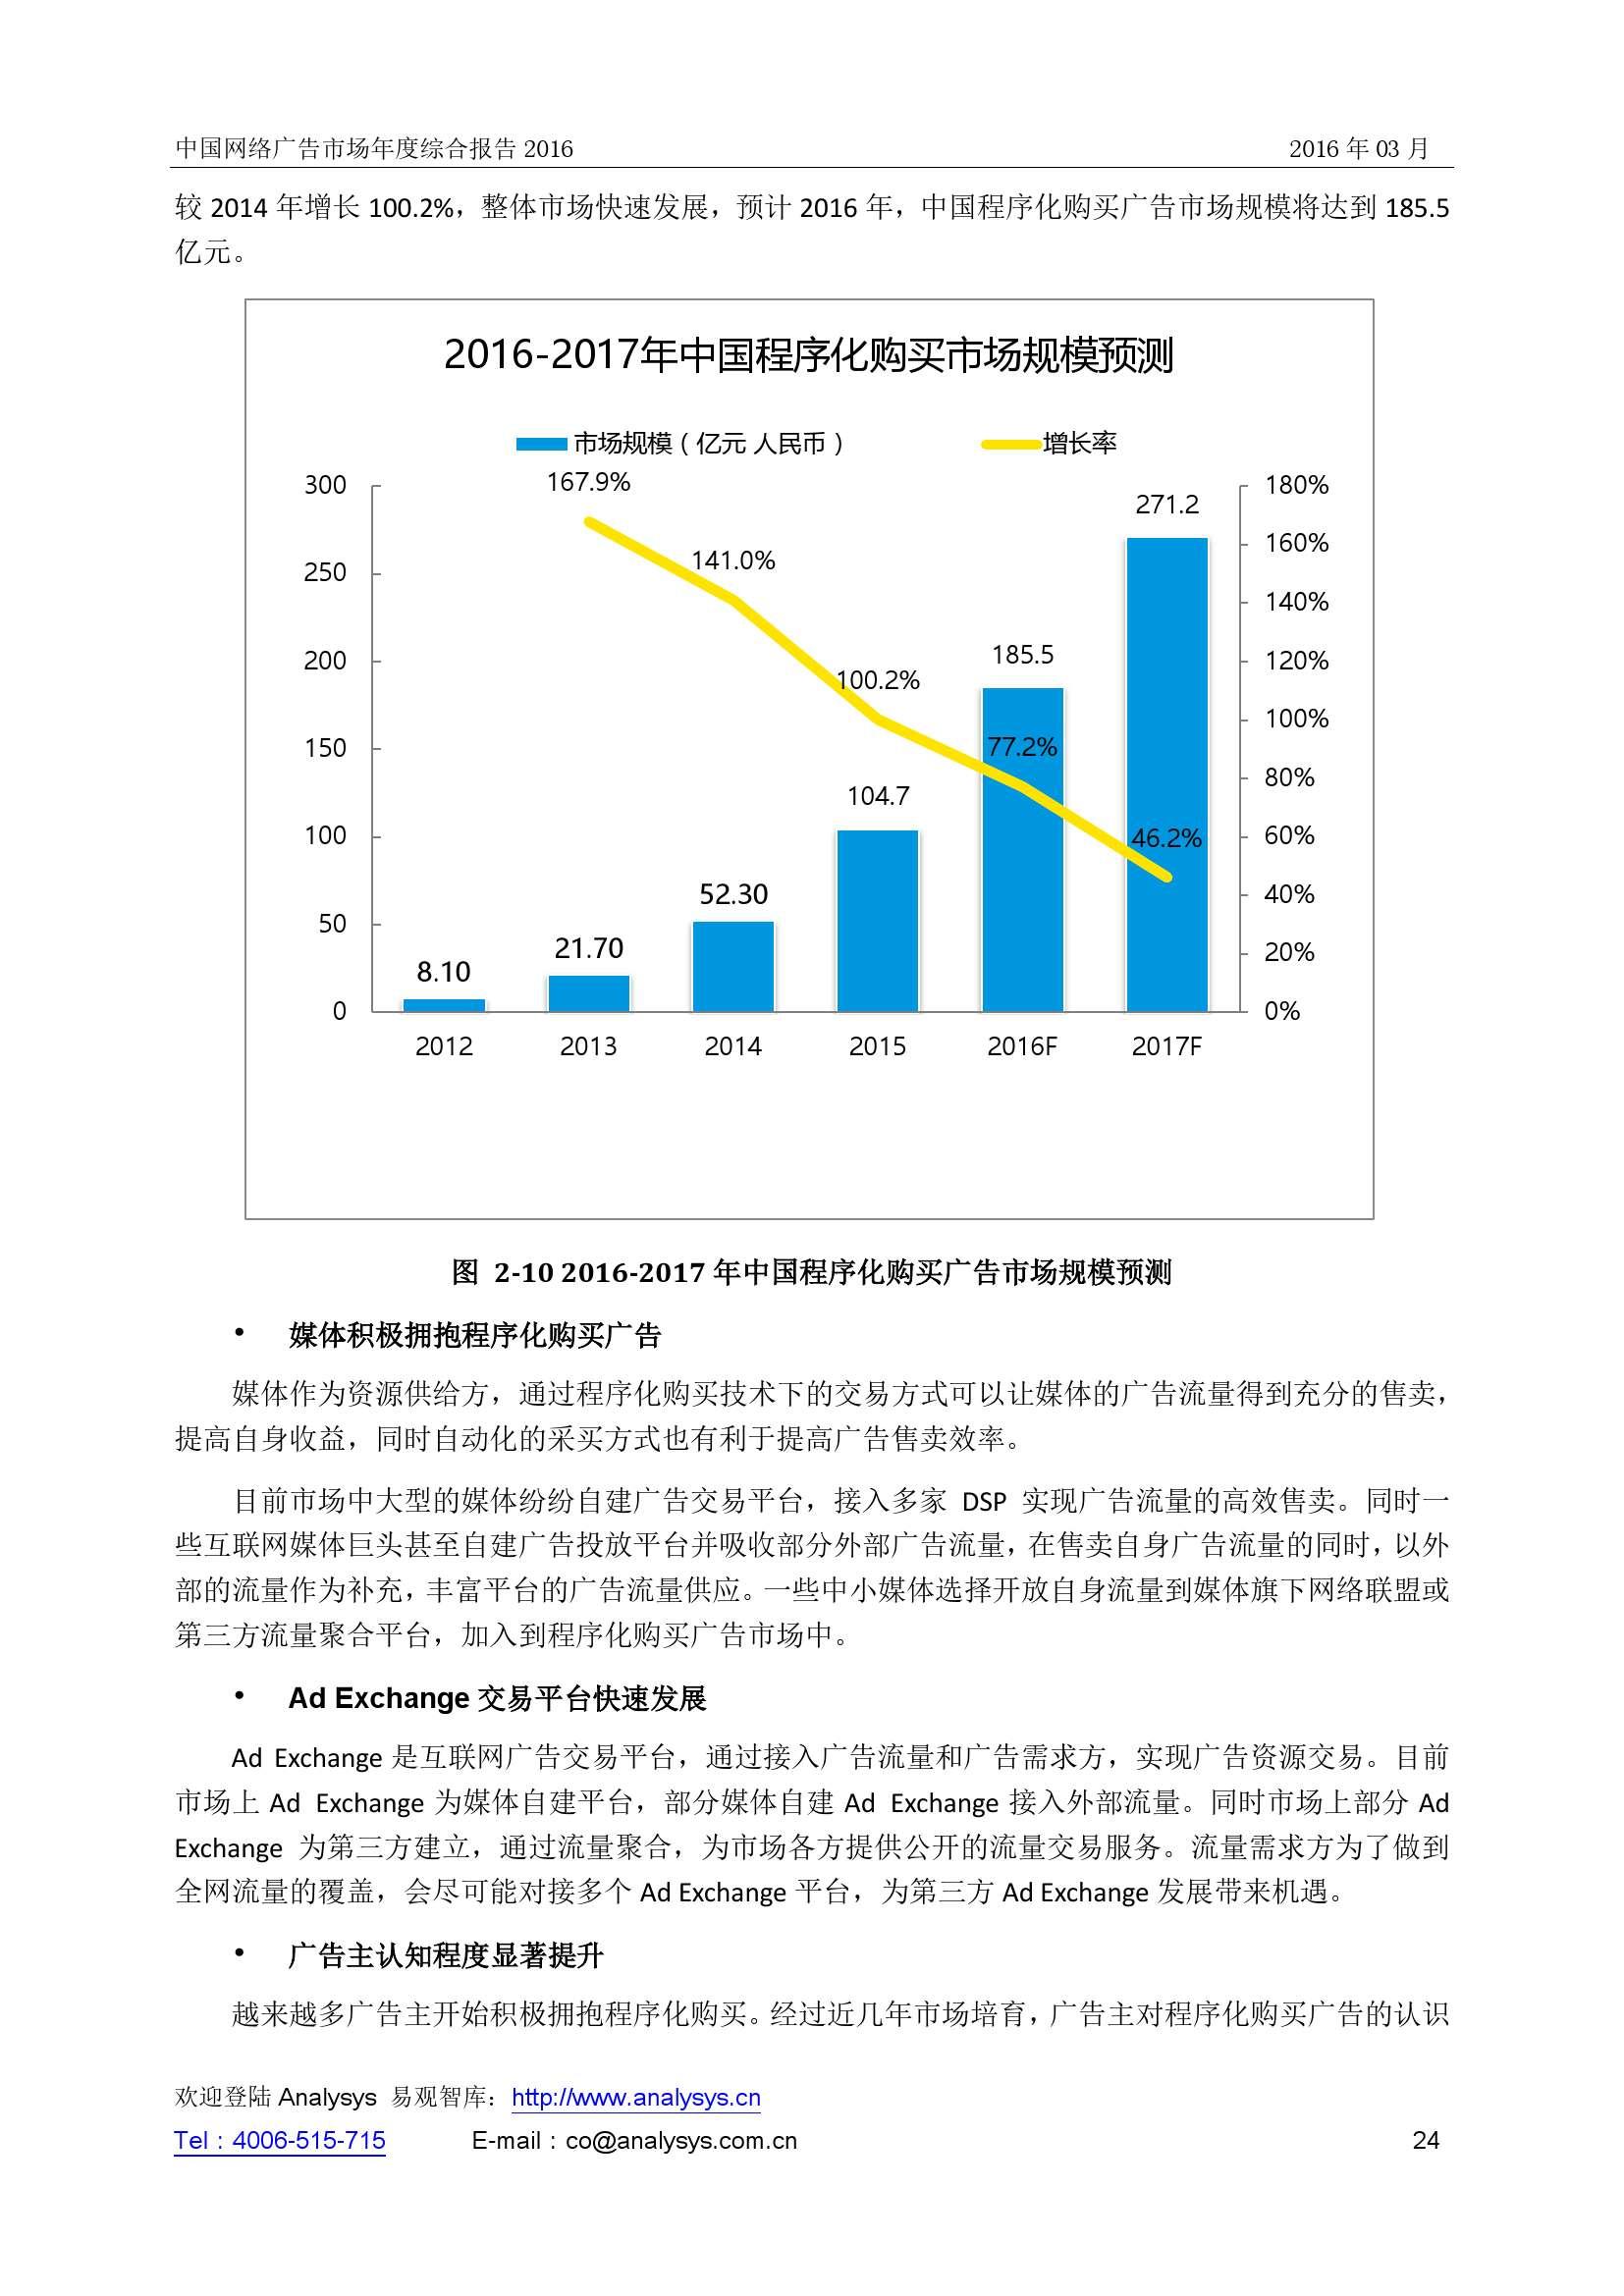 中国网络广告市场年度综合报告2016_000024